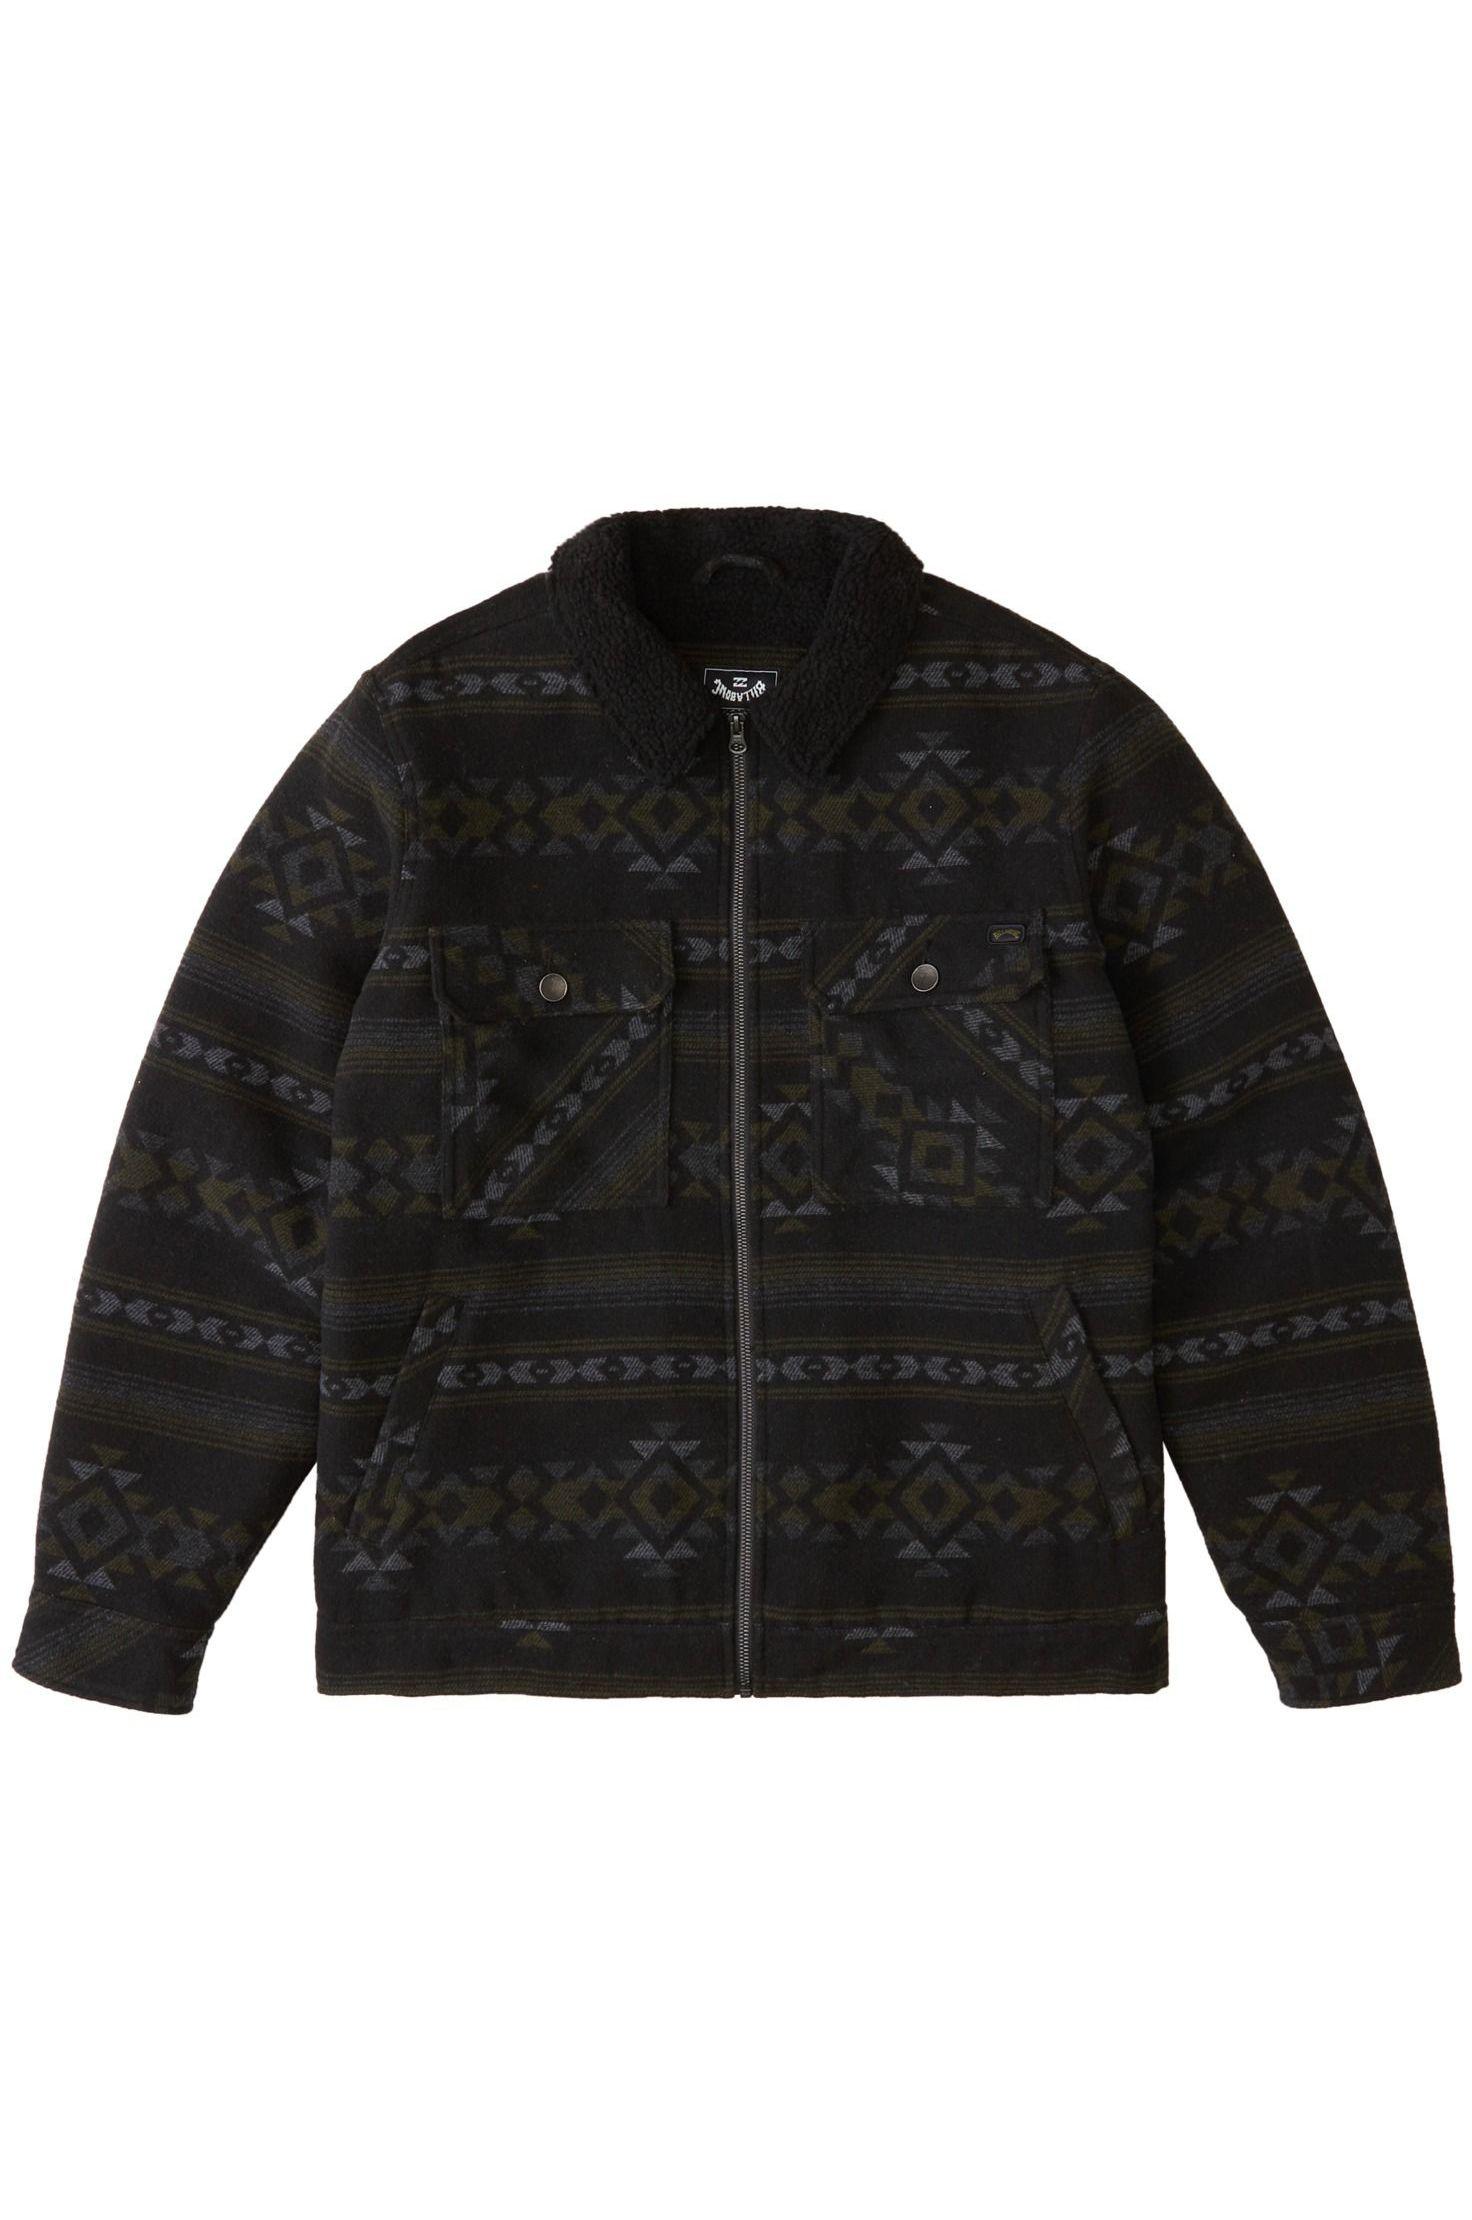 Billabong Jacket BARLOW SHERPA Black